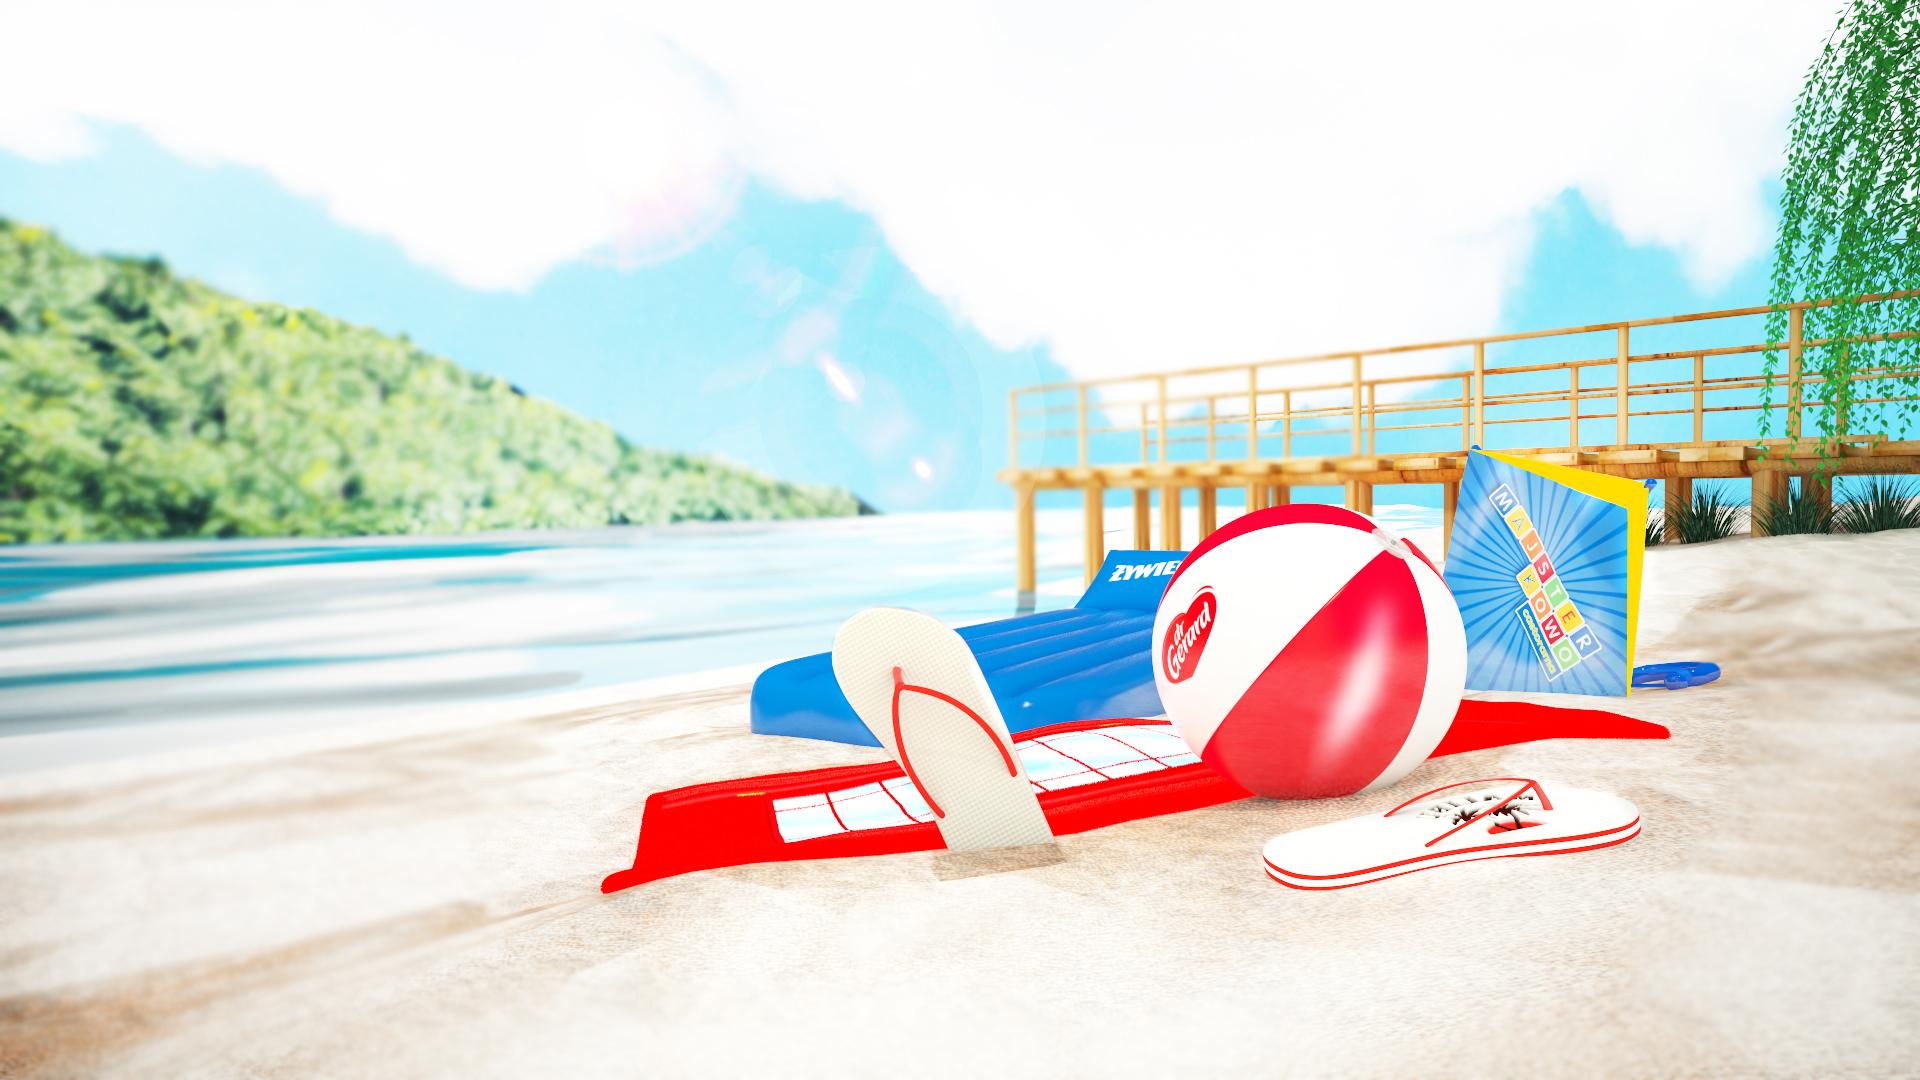 Gadżety plażowe